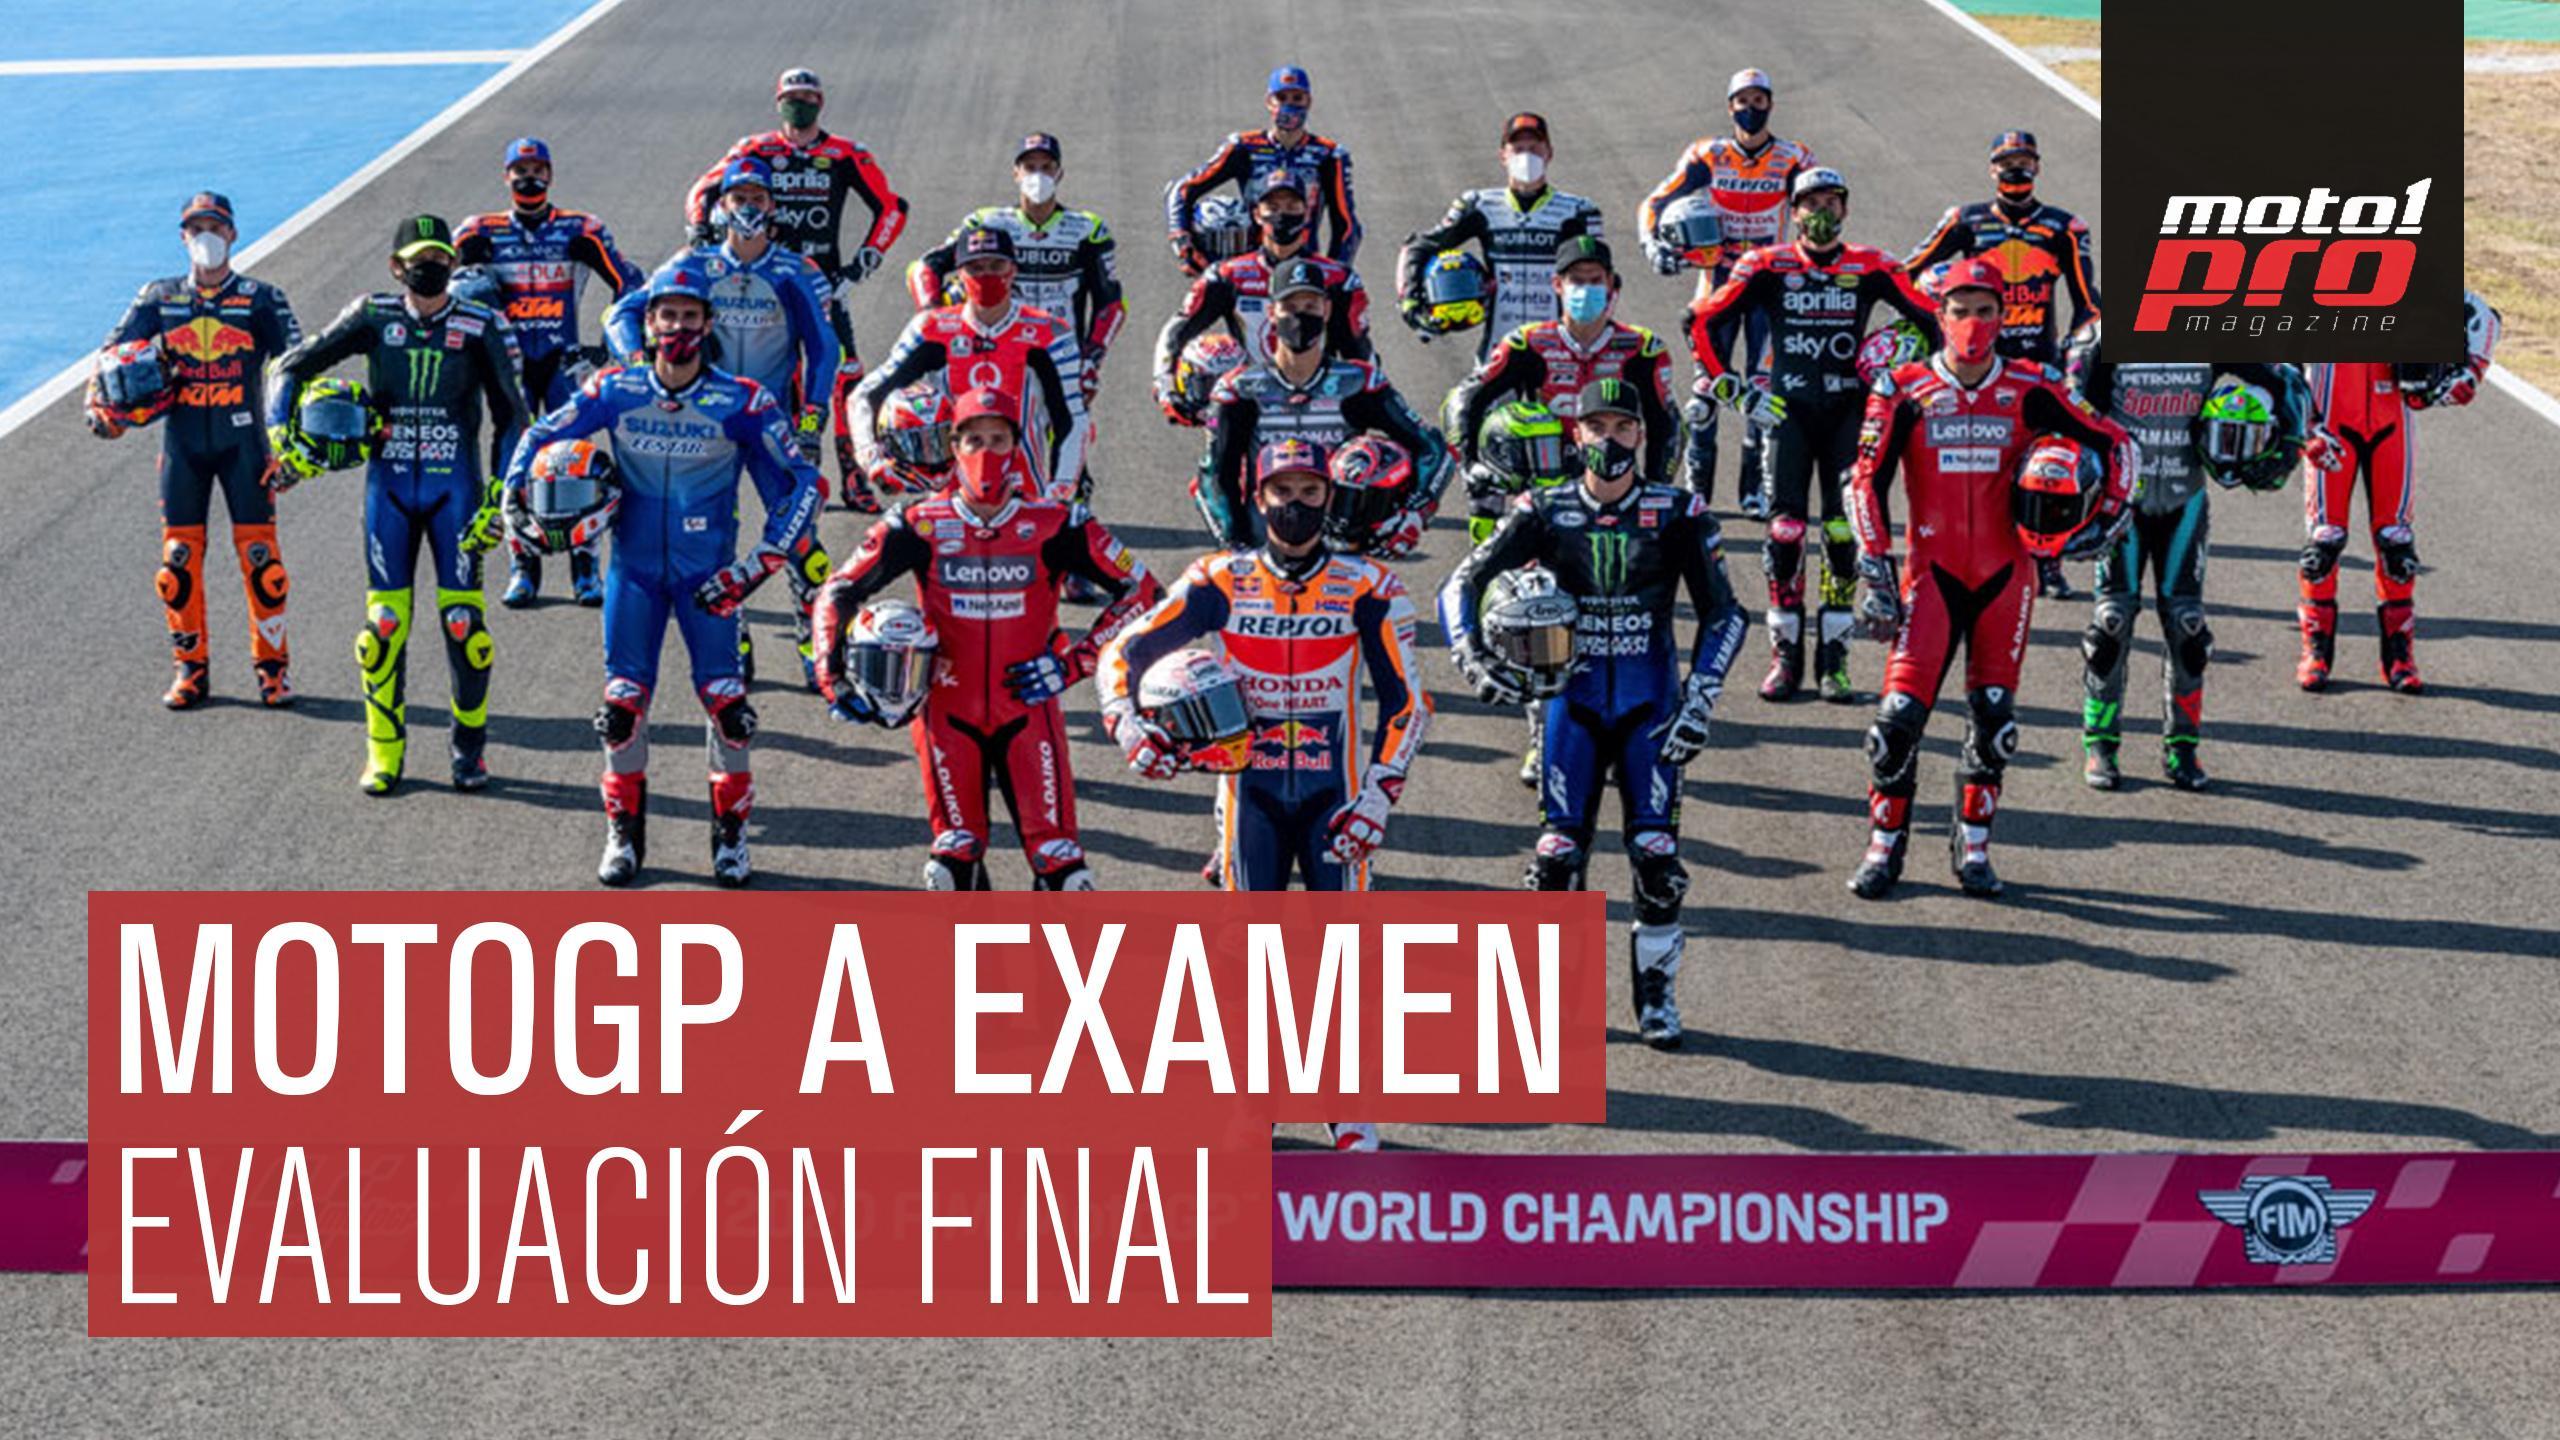 VÍDEO - MotoGP a examen. Evaluación final